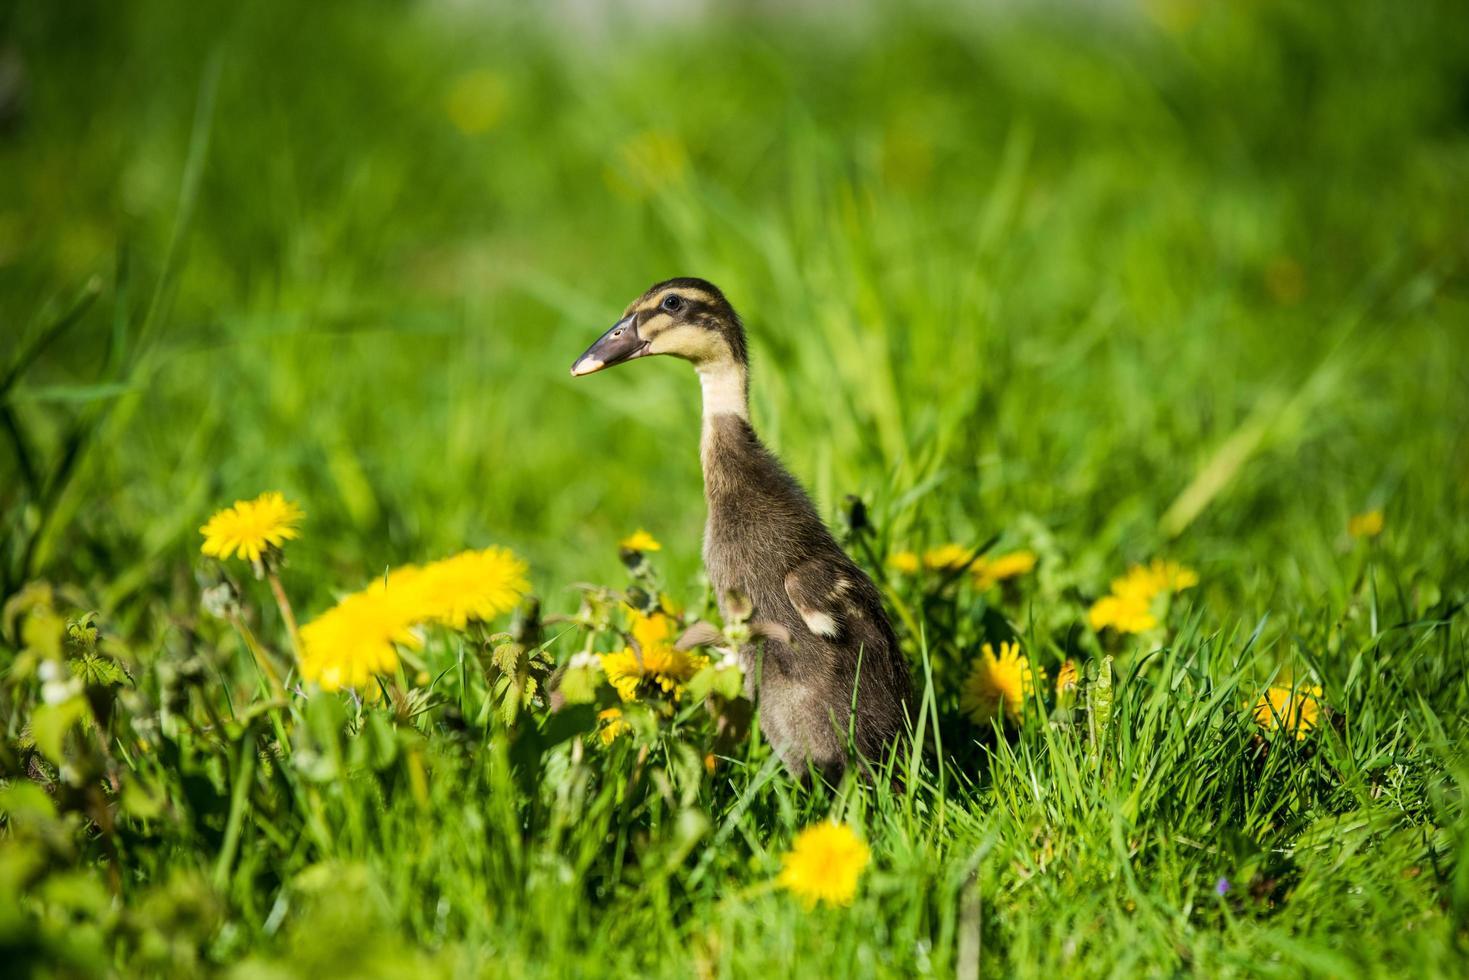 anatroccolo seduto nell'erba verde foto